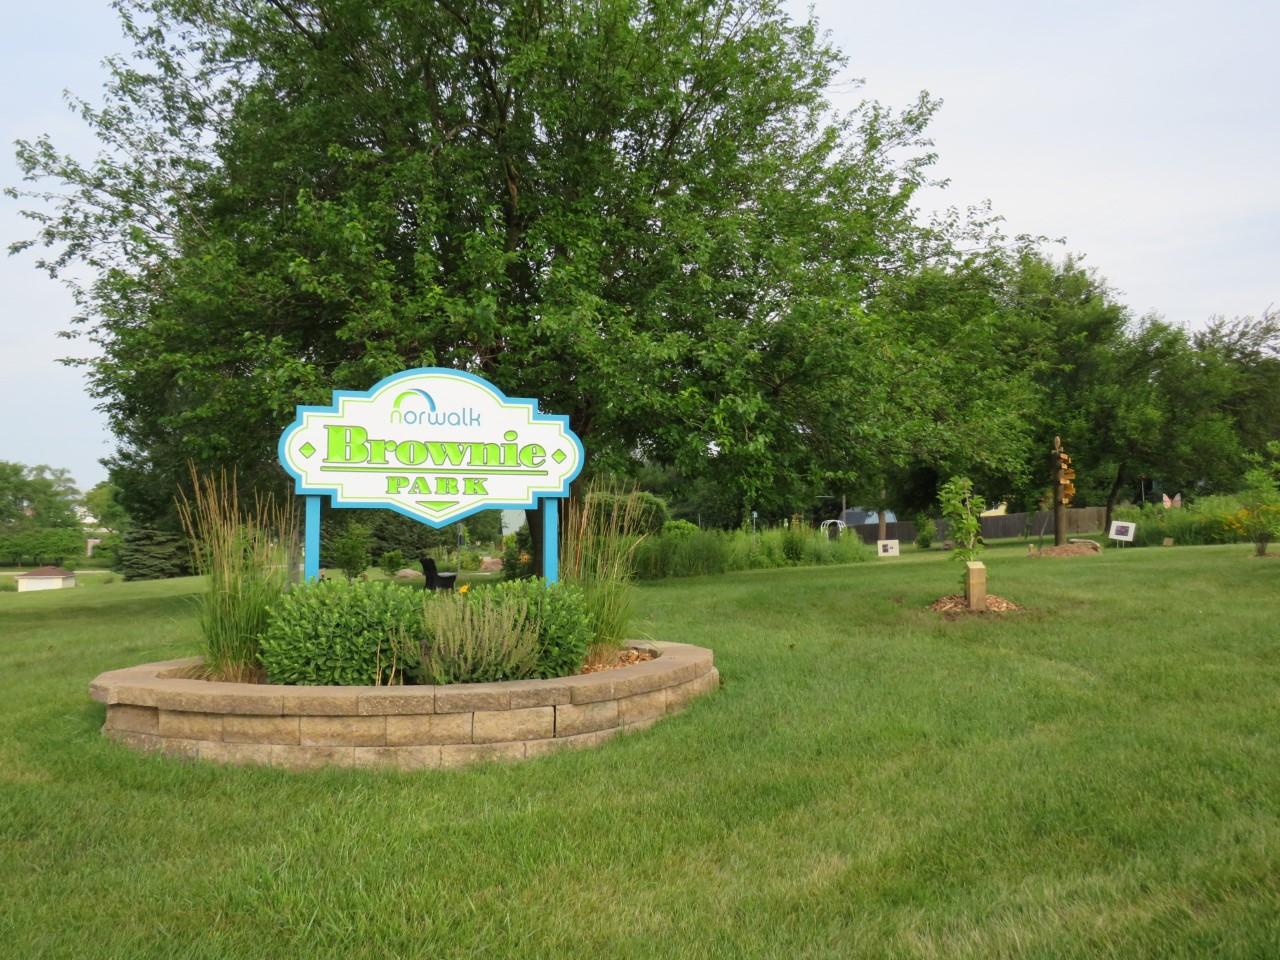 Brownie Park Iowa by FlowerChick.com